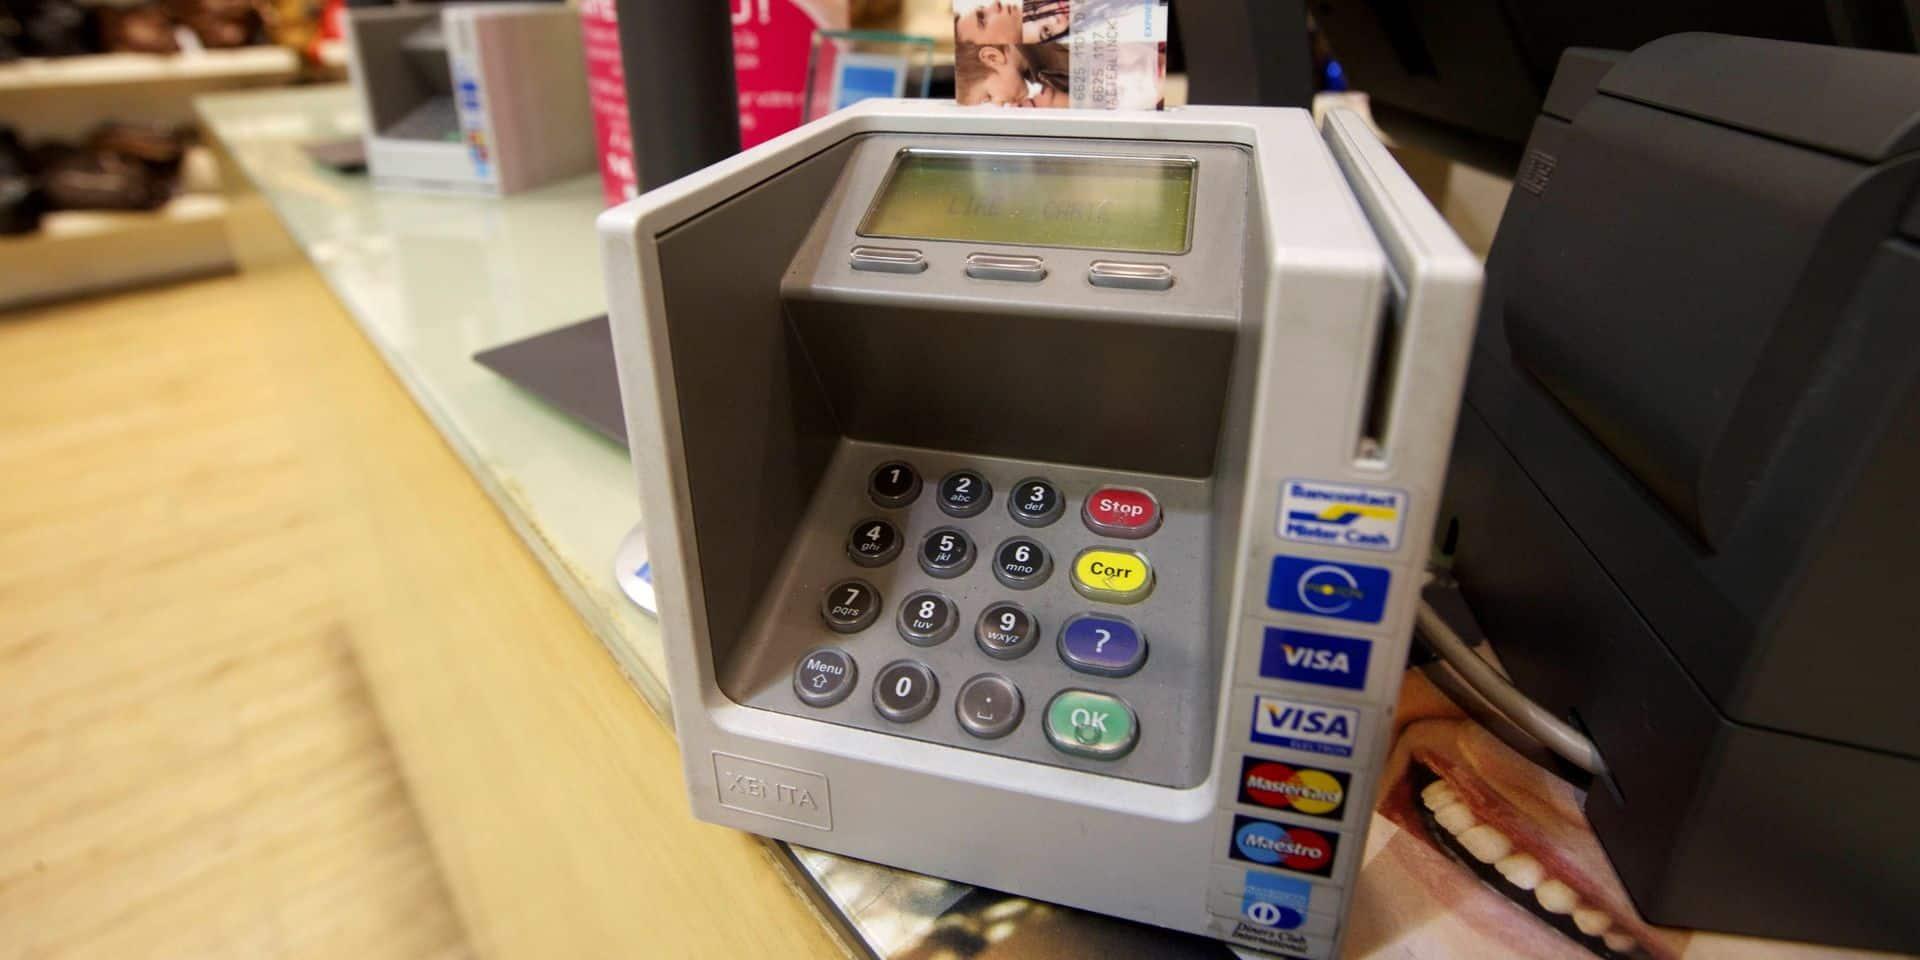 Plusieurs cartes de paiement seront inutilisables dans la nuit de dimanche à lundi